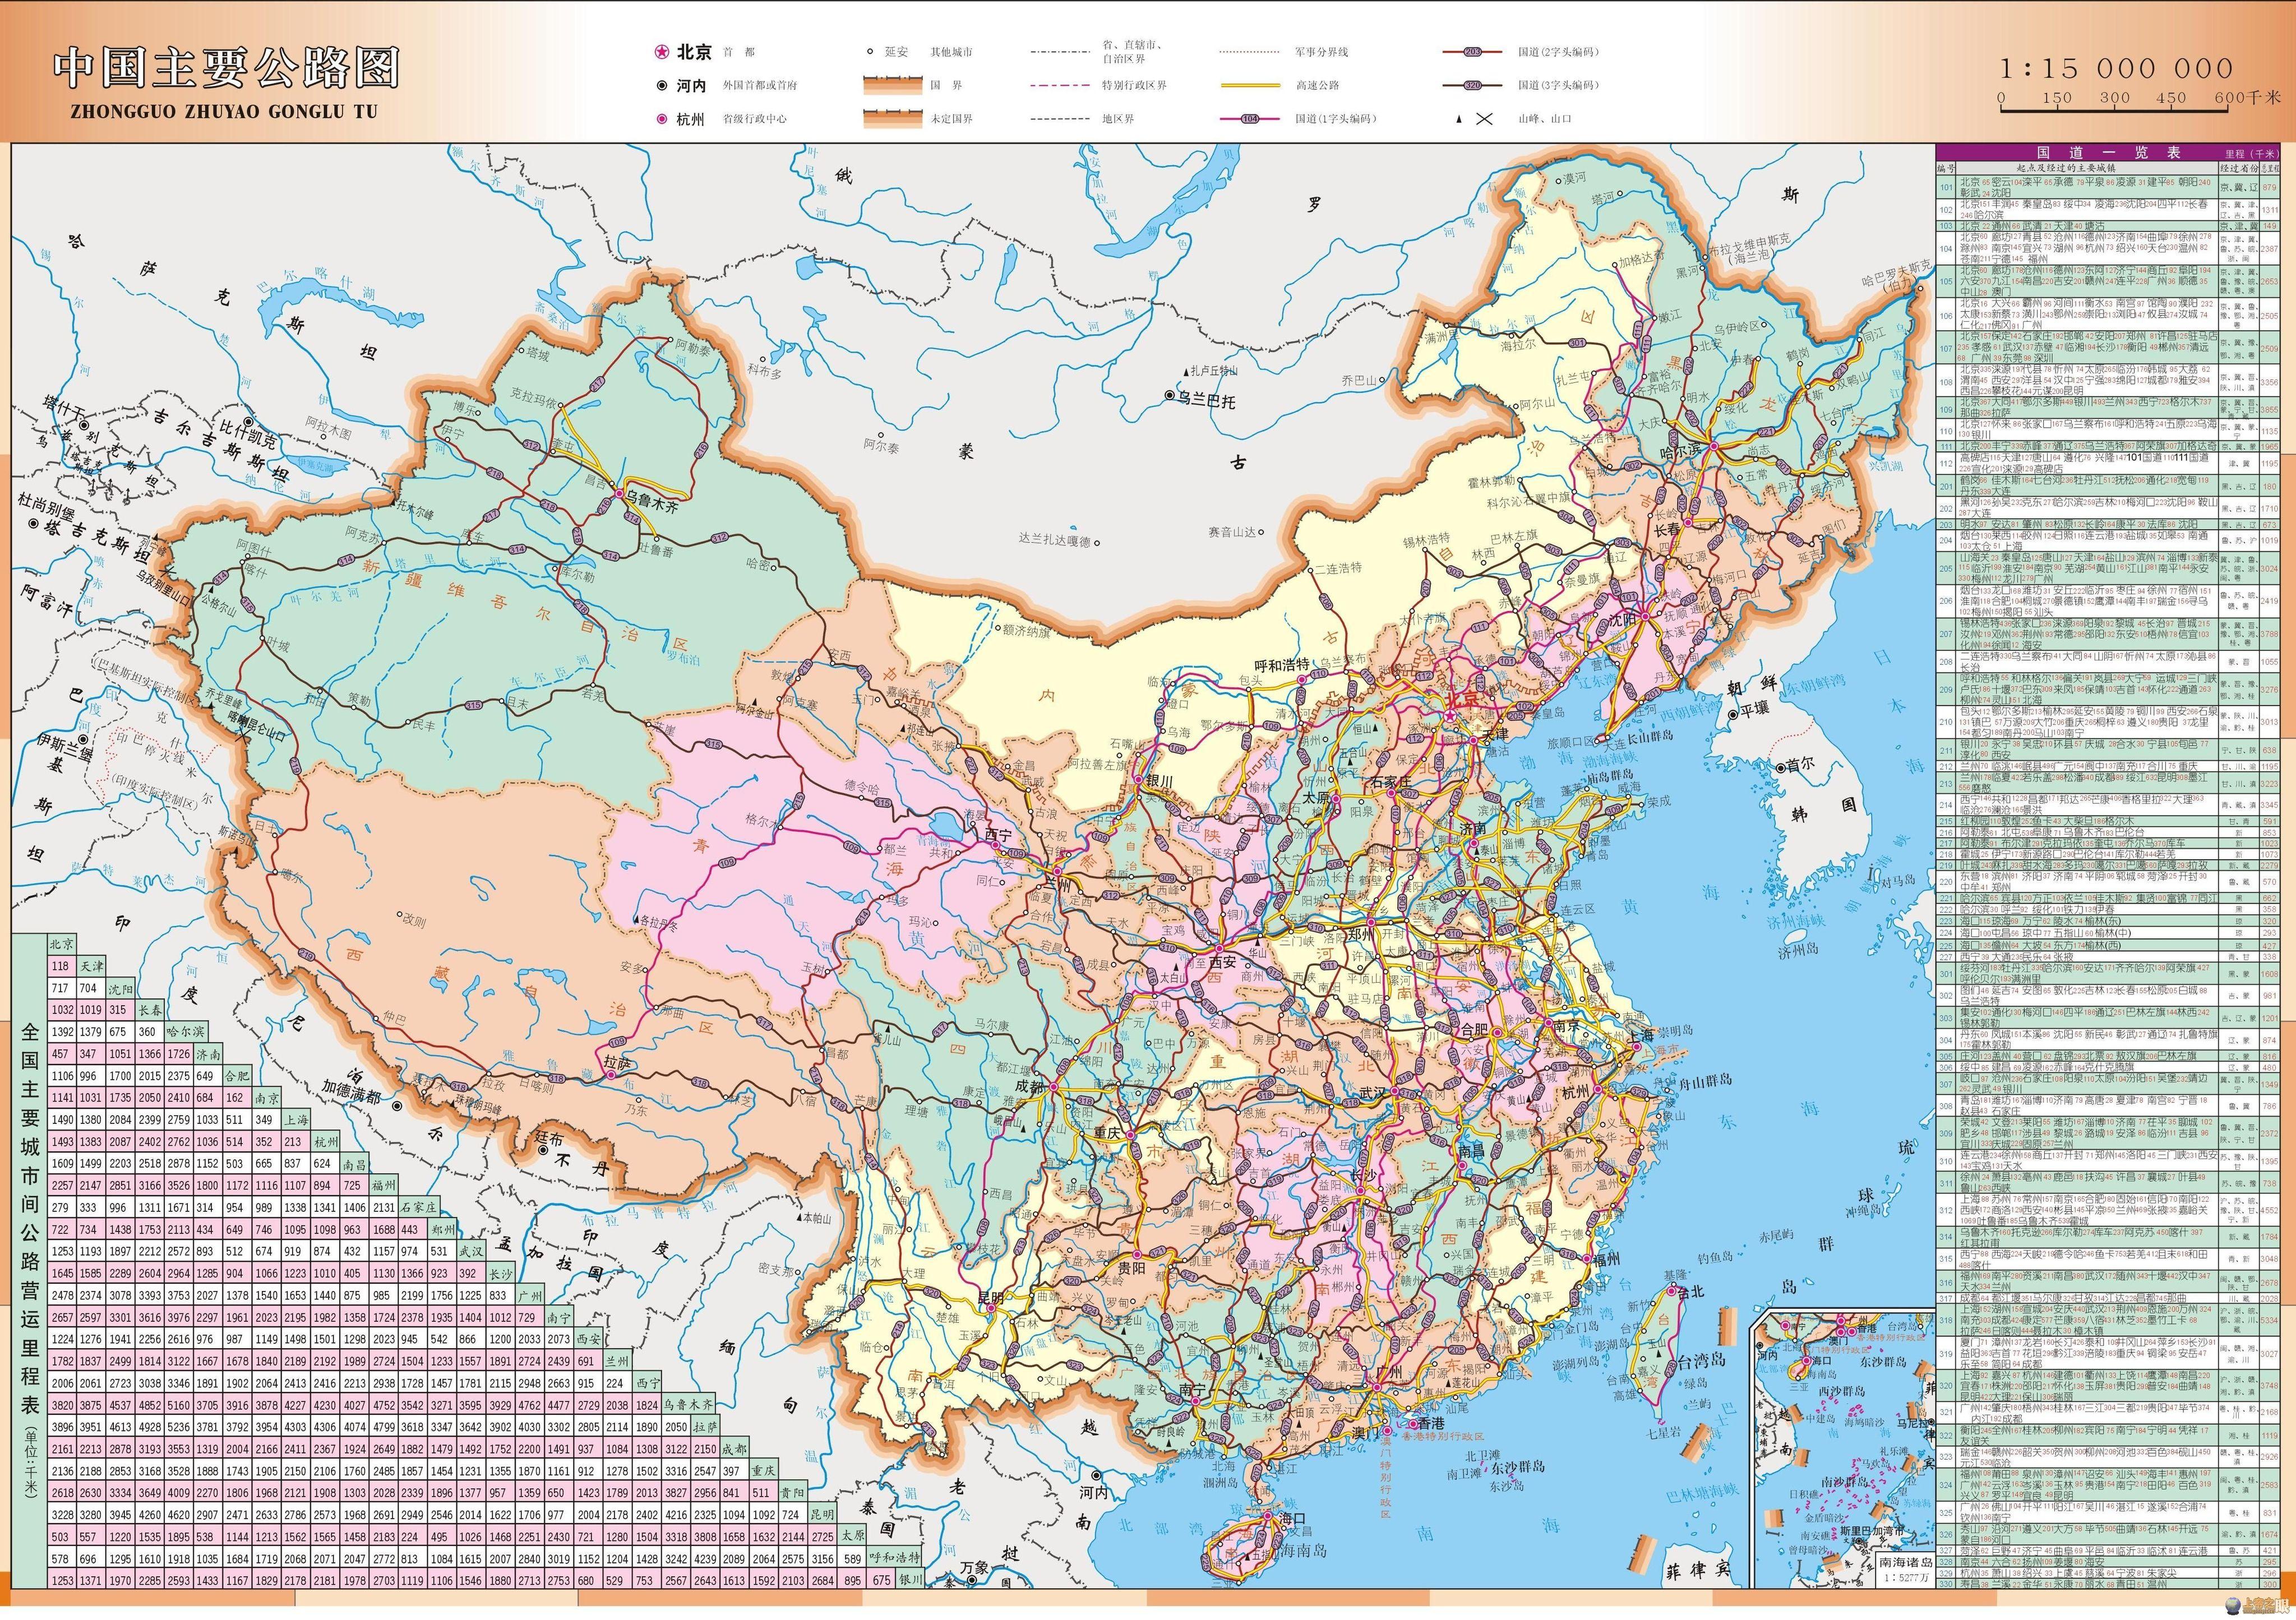 中国地图全图_哪位大哥大姐有超大的中国地图全图啊,最好是几十M的,放大能 ...